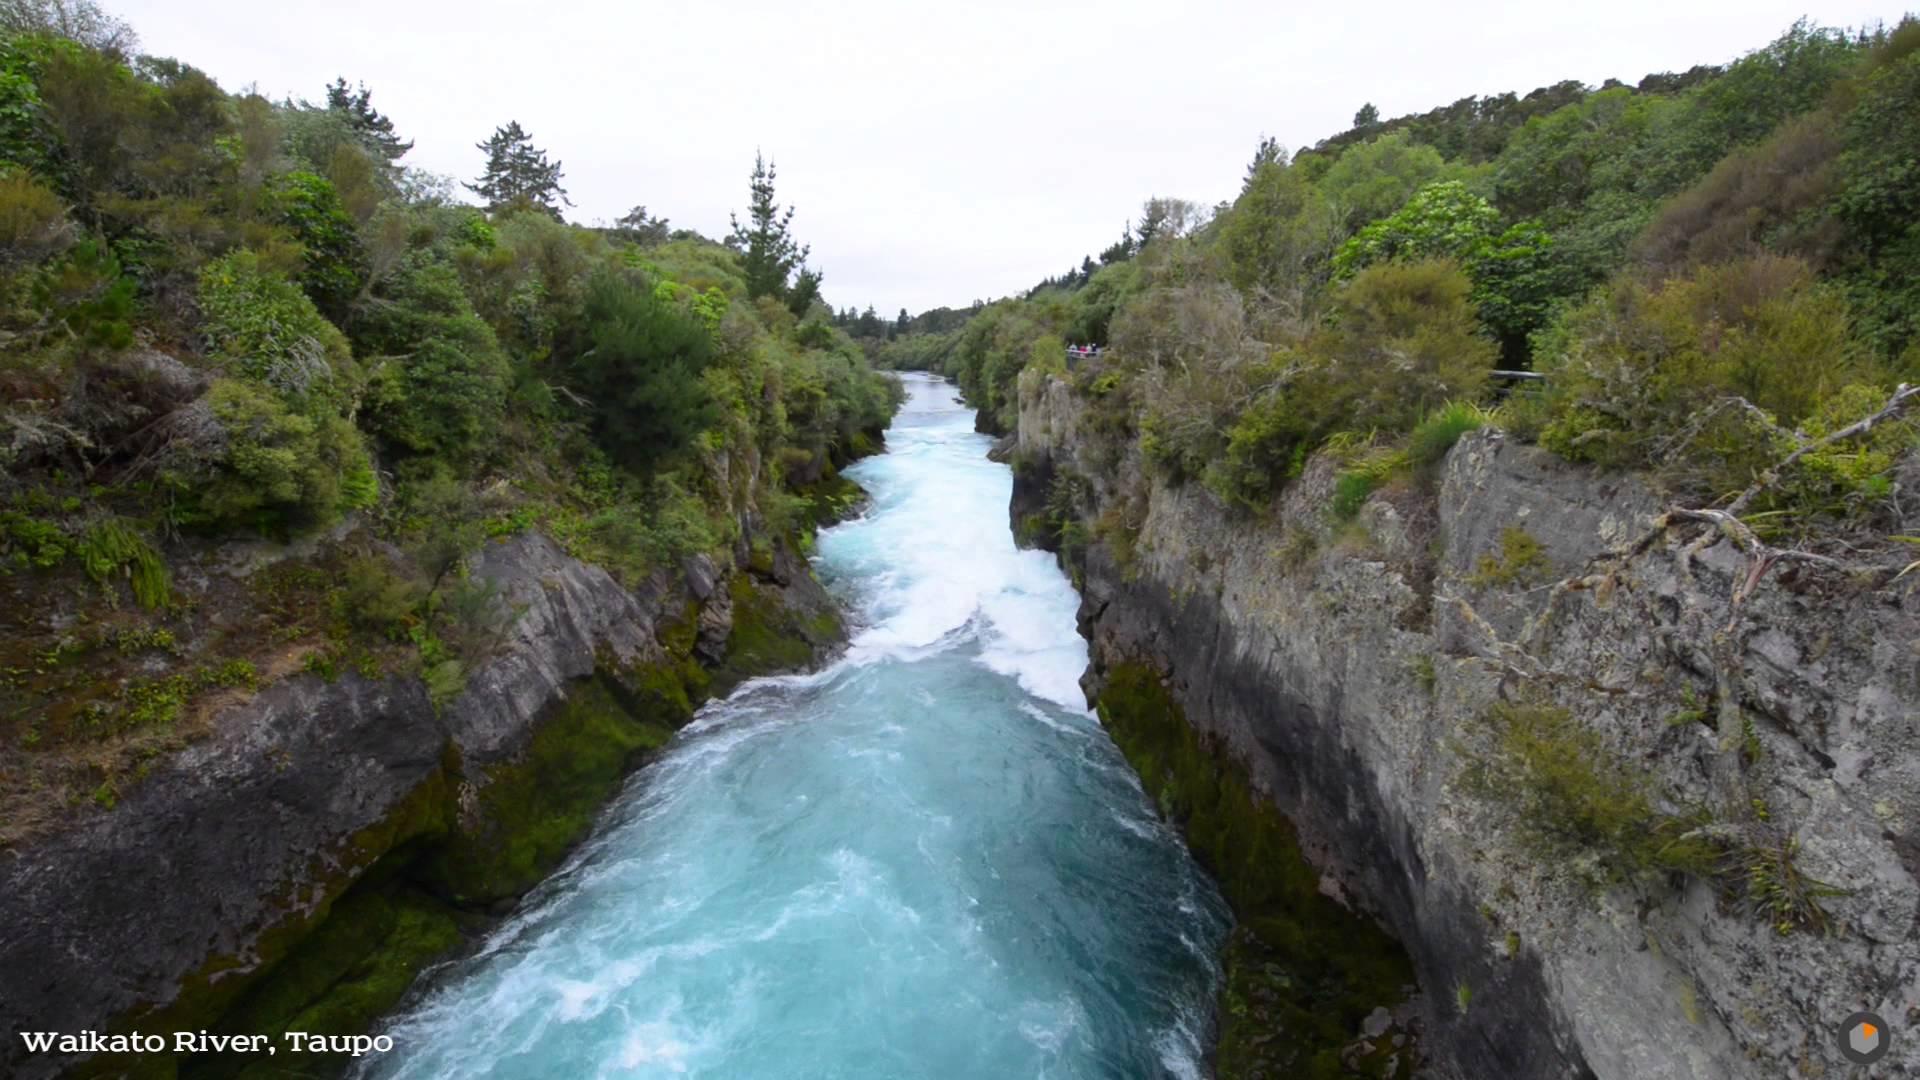 نيوزلندا Facebook: تقرير سياحي: نيوزلندا.. صفاء الروح (الجزء الرابع)